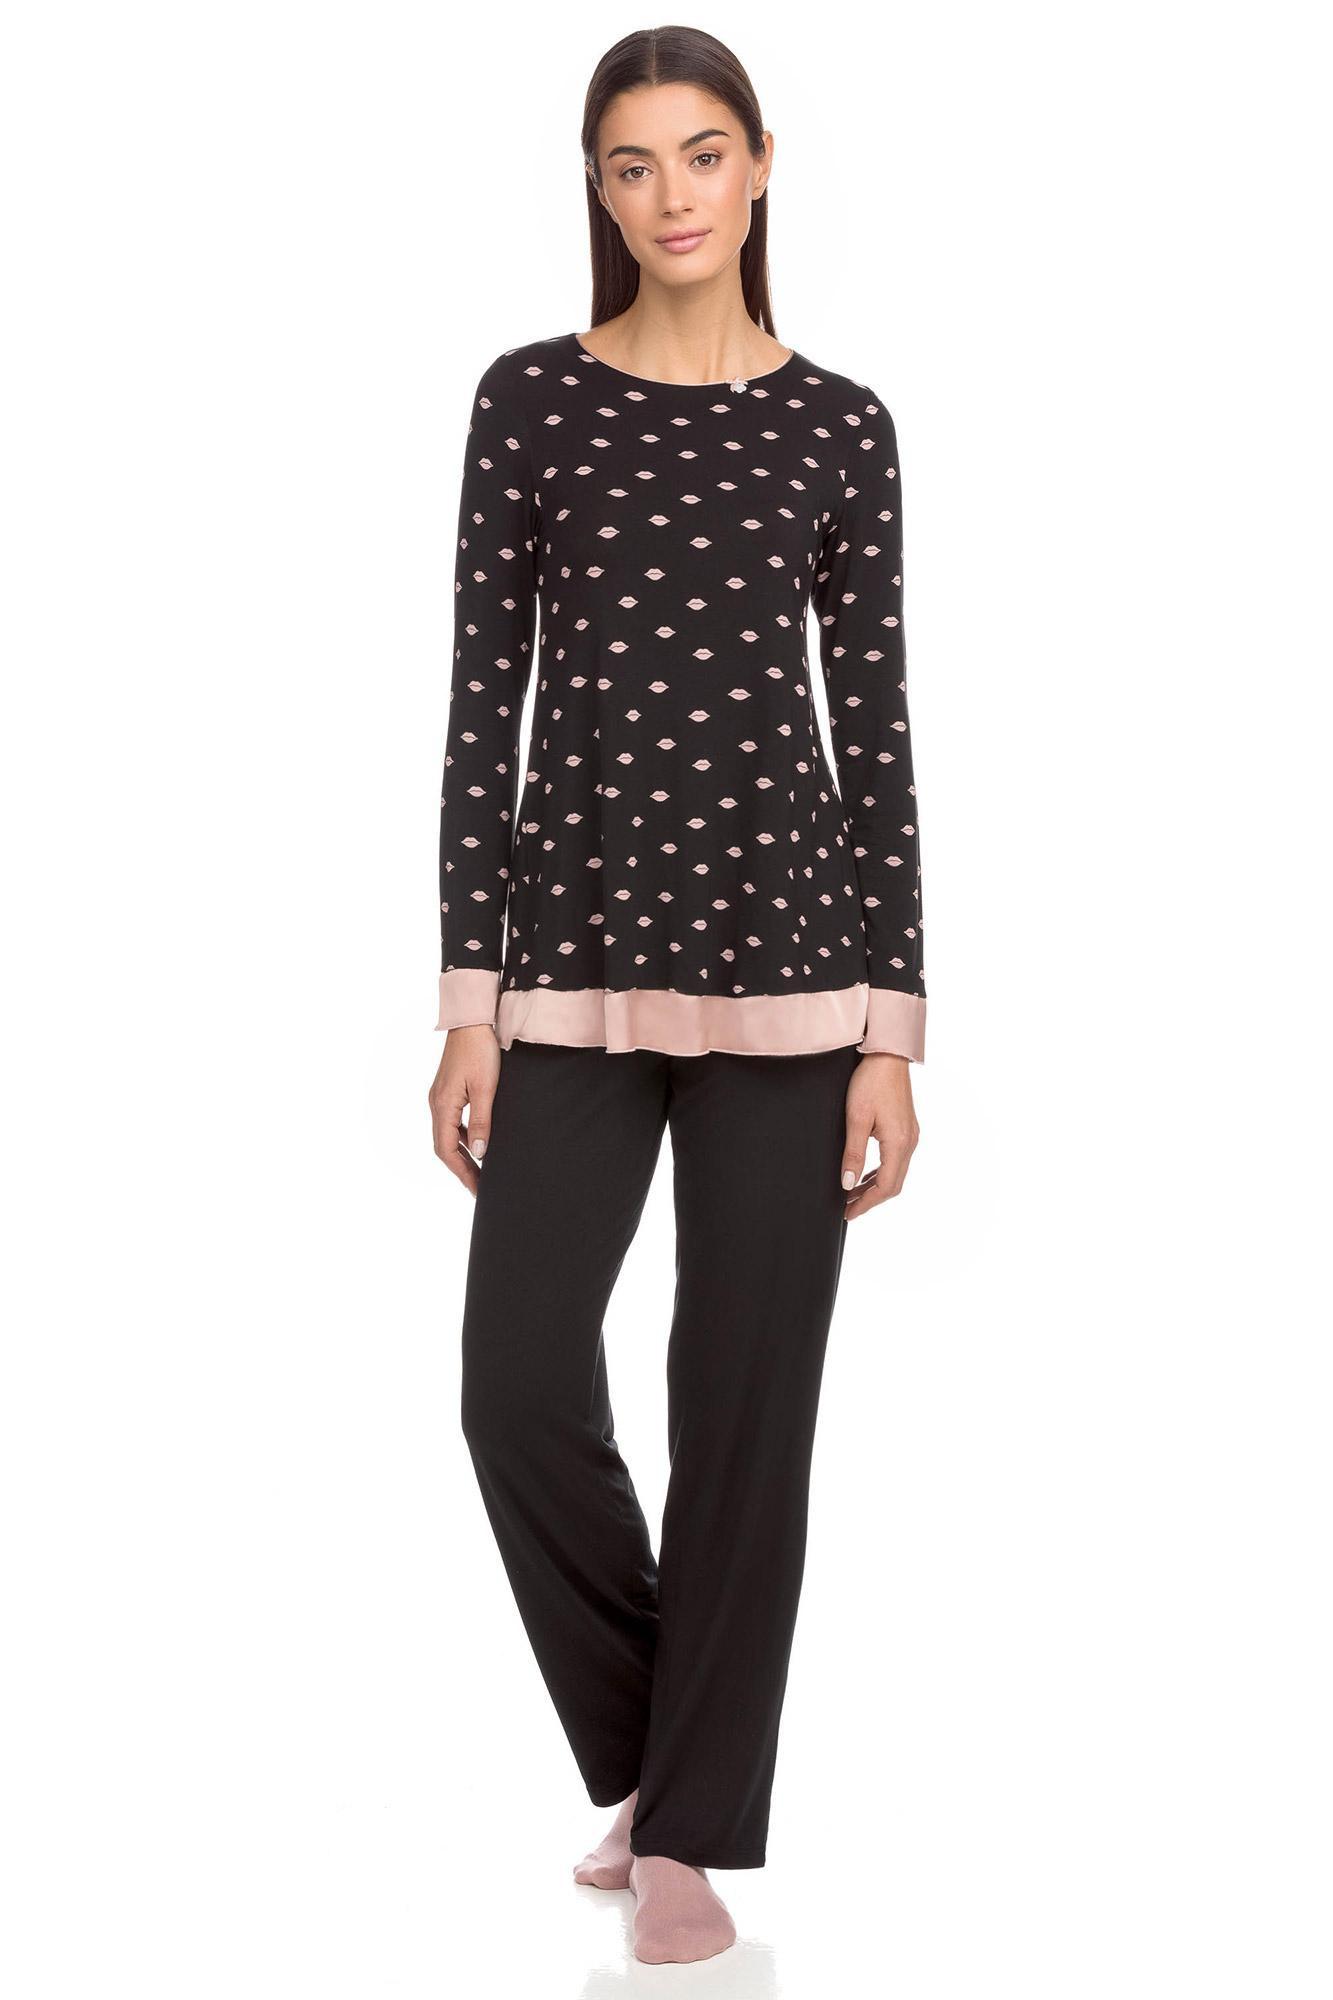 Vamp - Pohodlné dámske dvojdielne pyžamo 15184 - Vamp černá xl